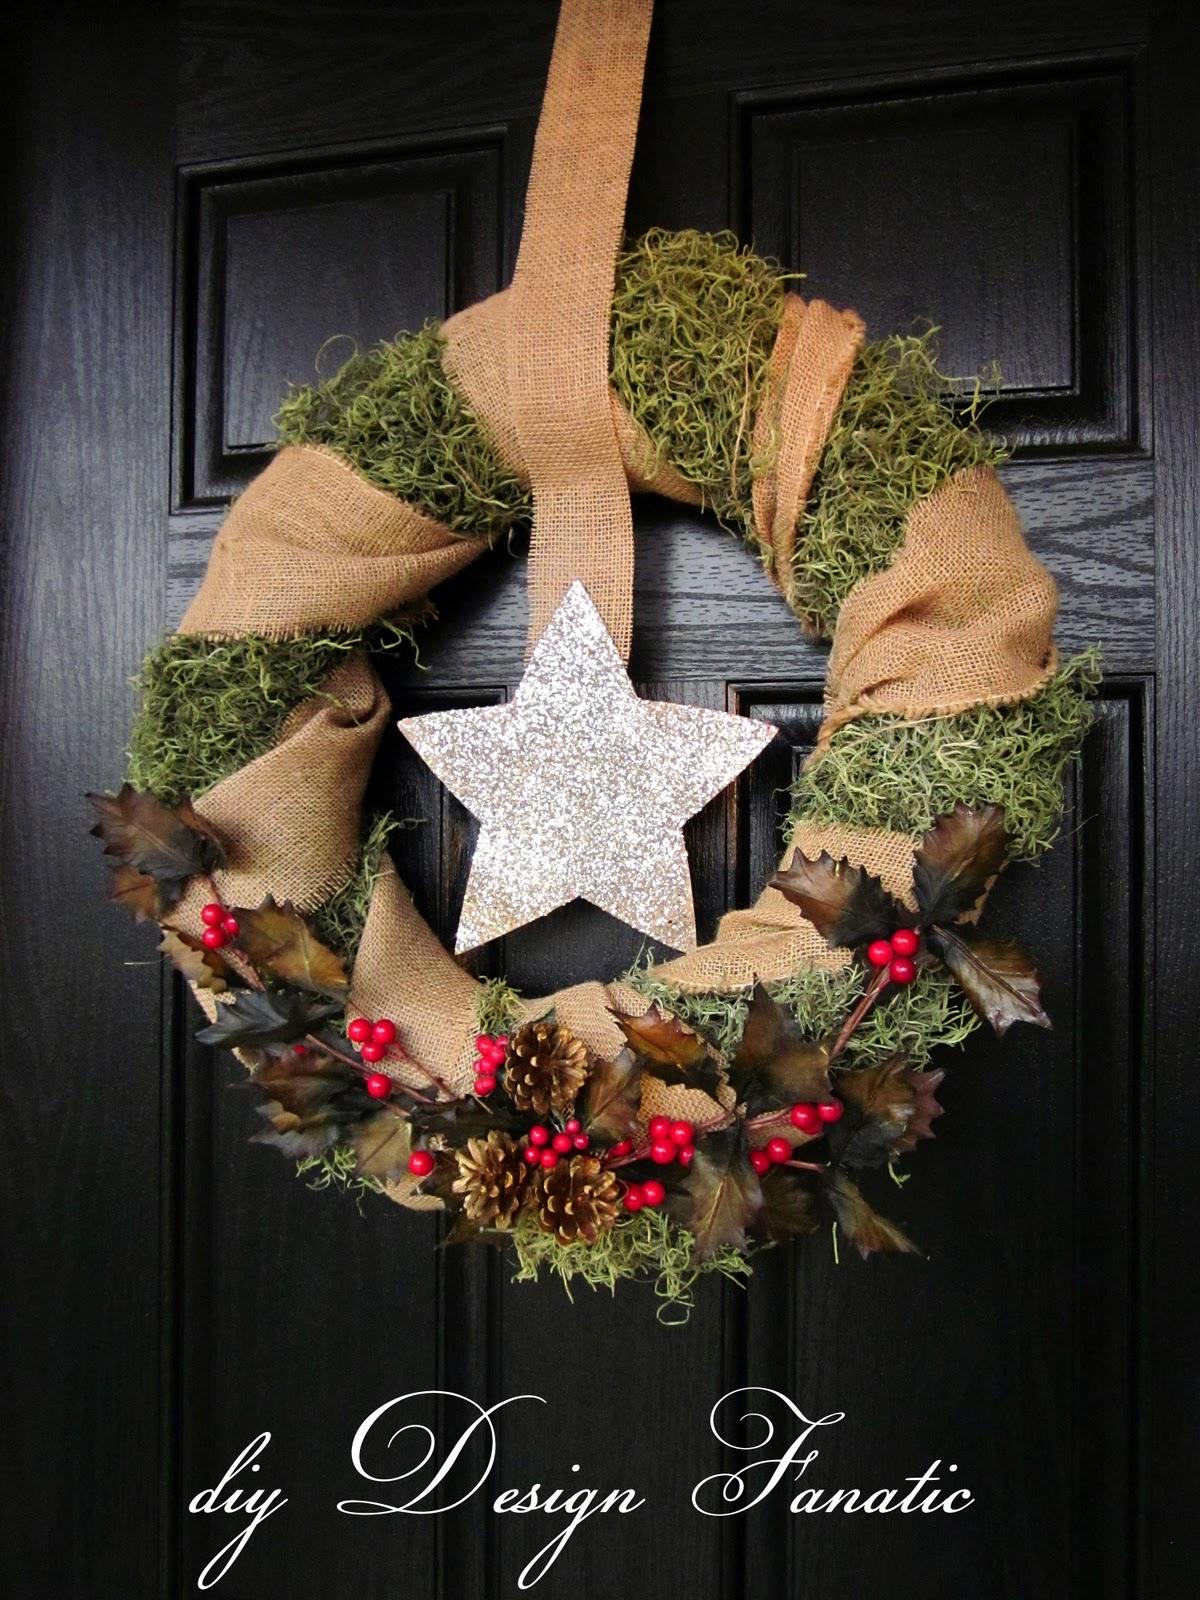 Diy Design Fanatic Christmas Wreath And Front Door